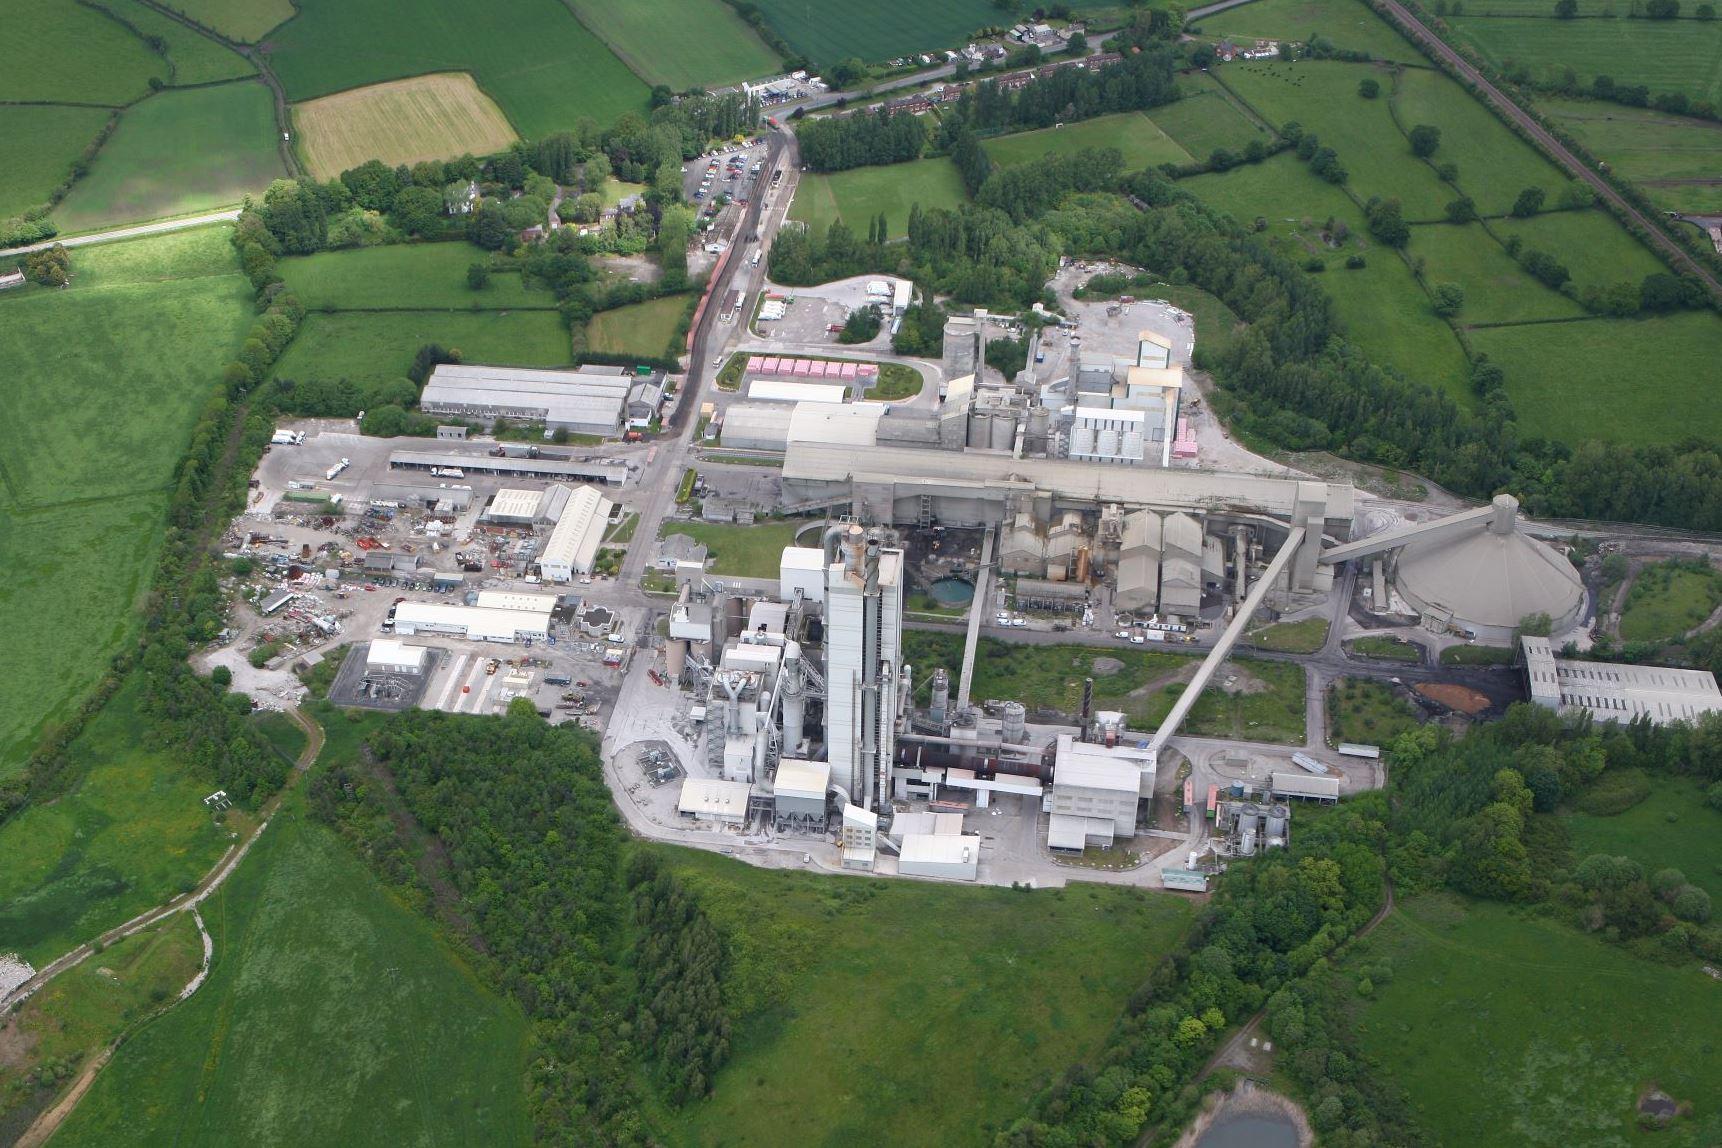 Progress for Hanson's carbon capture project